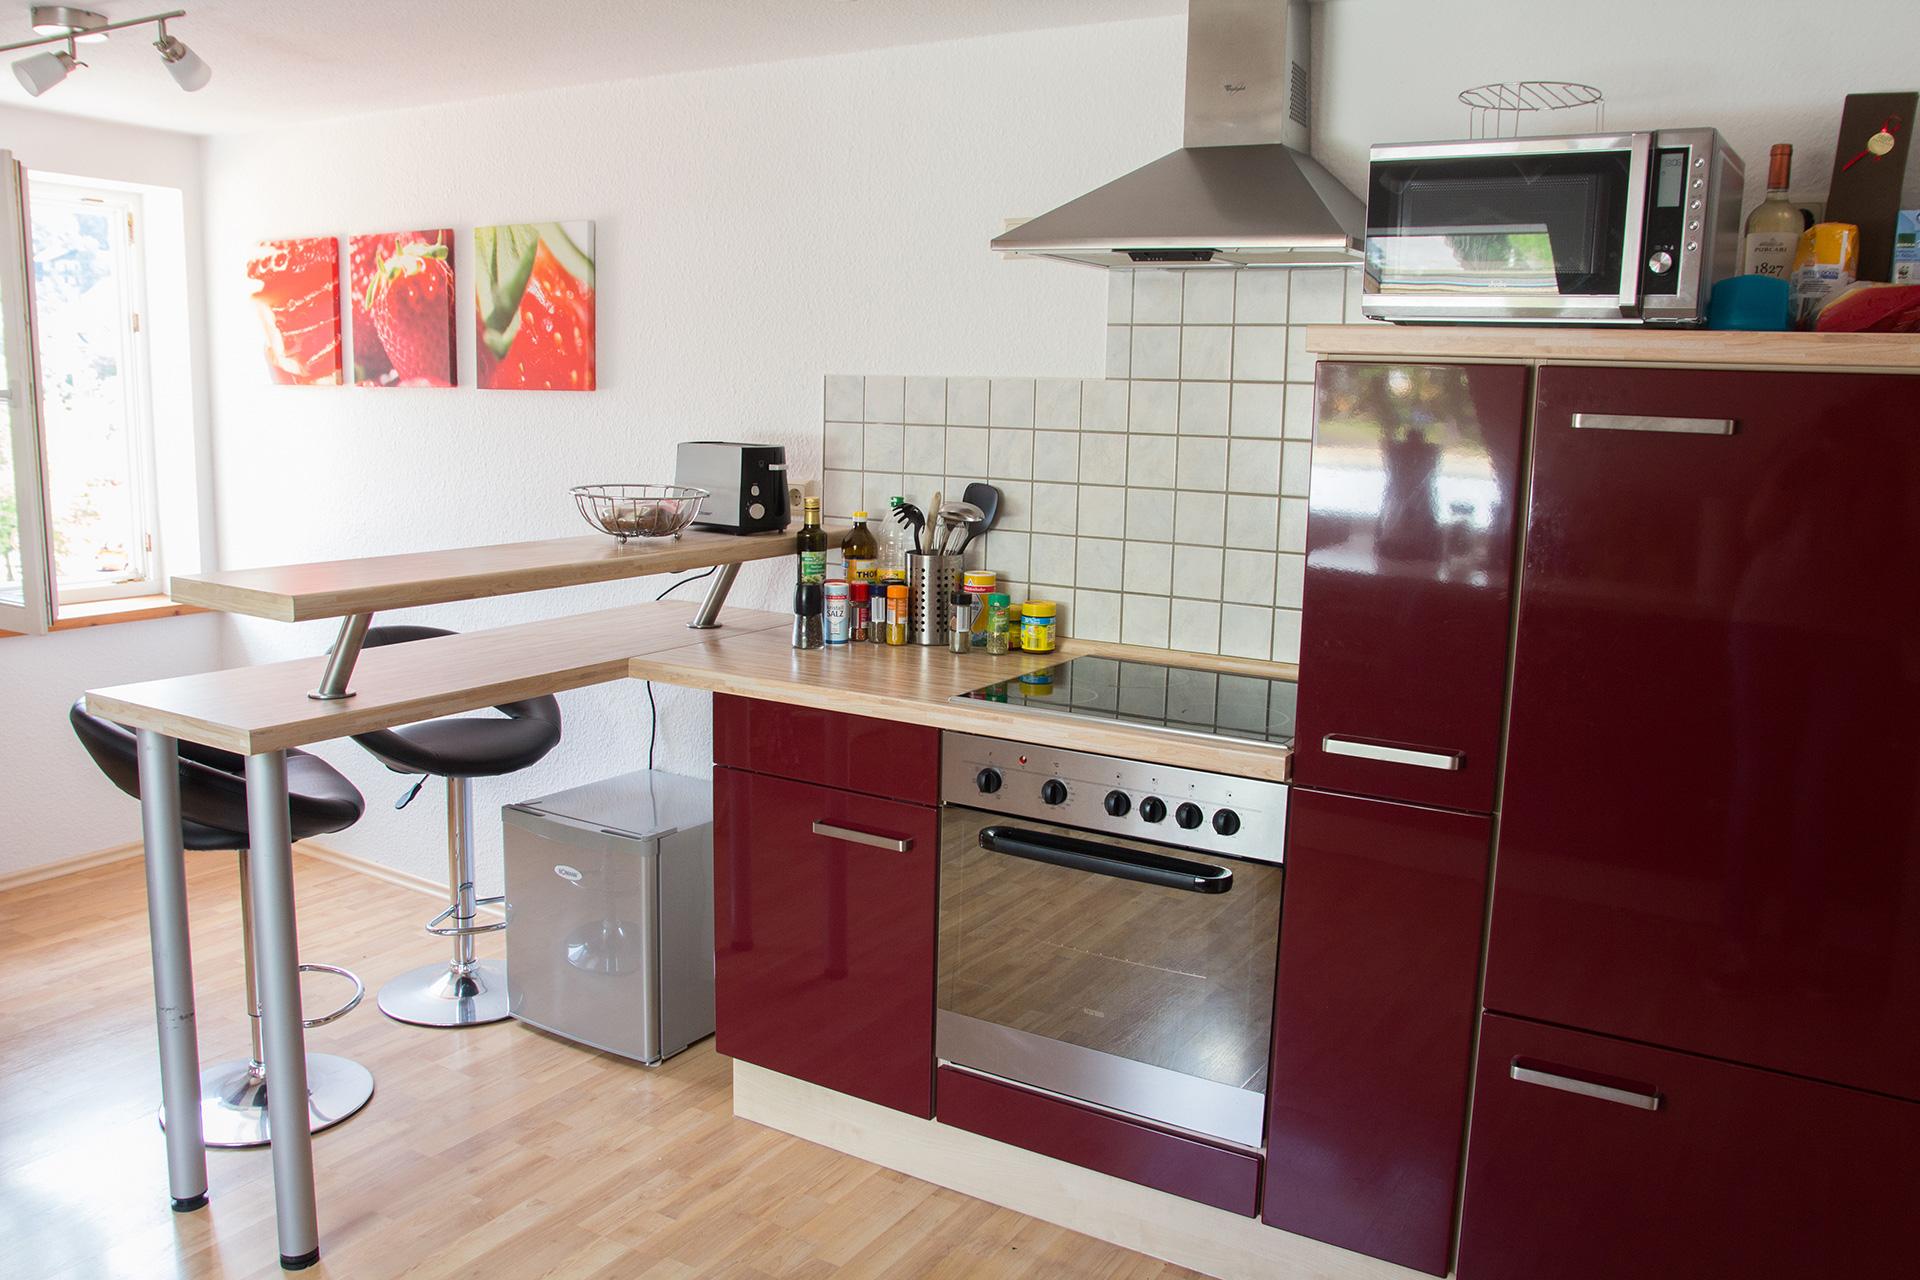 Ferienwohnung Schwalbennest - Küchenzeile